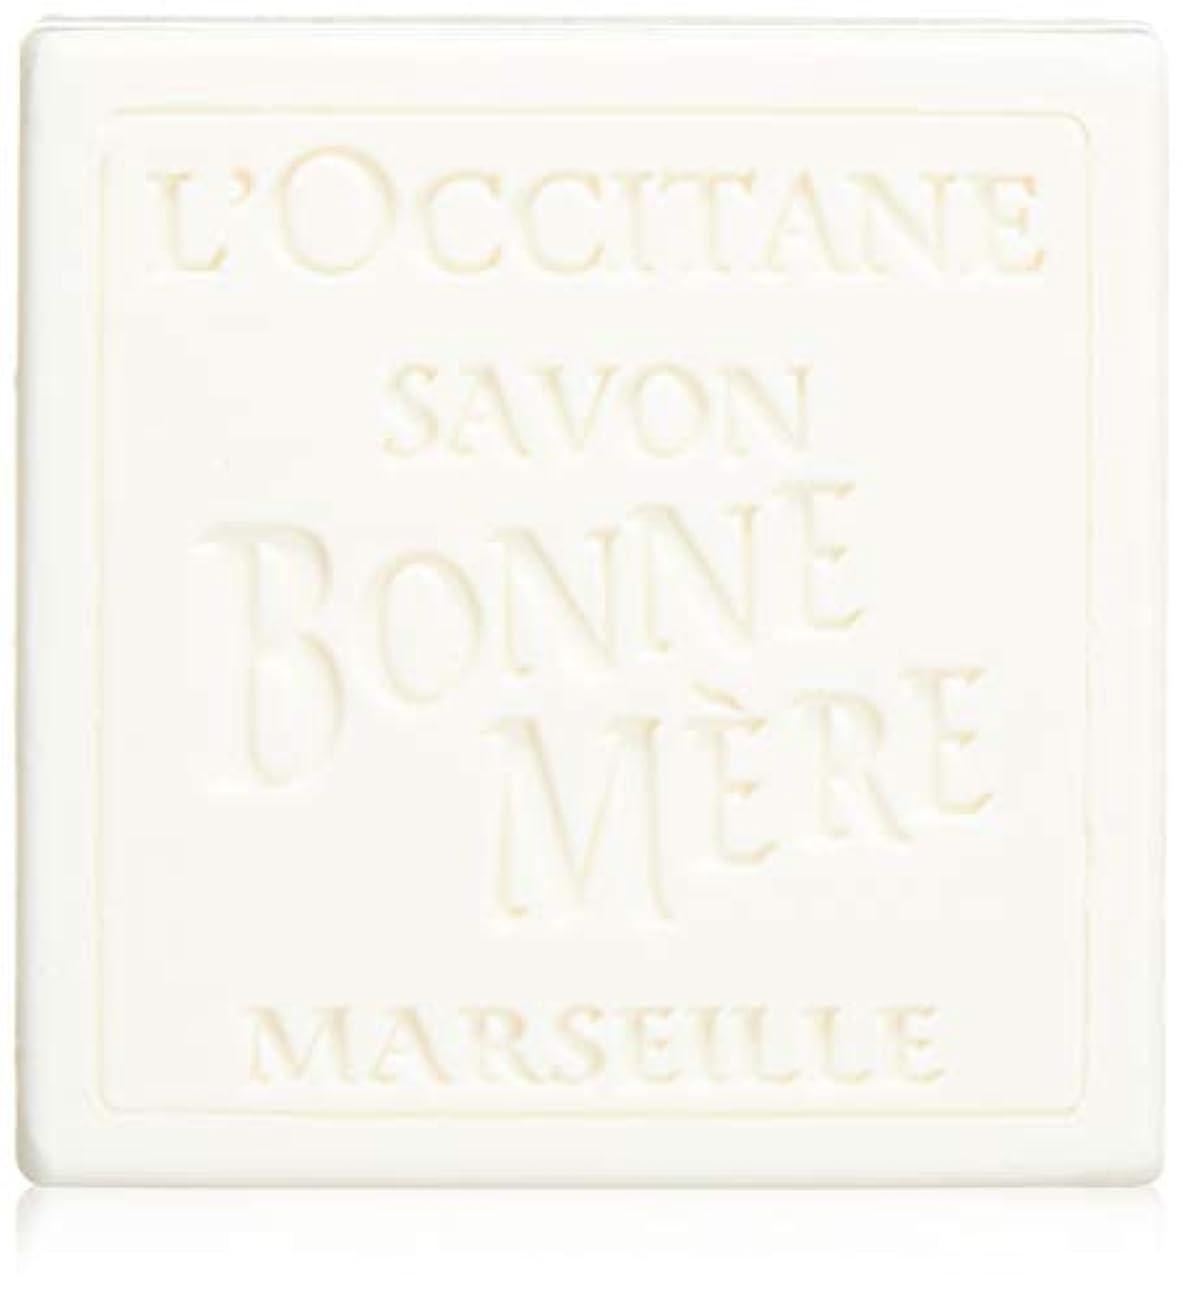 ベリーバンカー買い手ロクシタン(L'OCCITANE) ボンメールソープ ミルク 100g